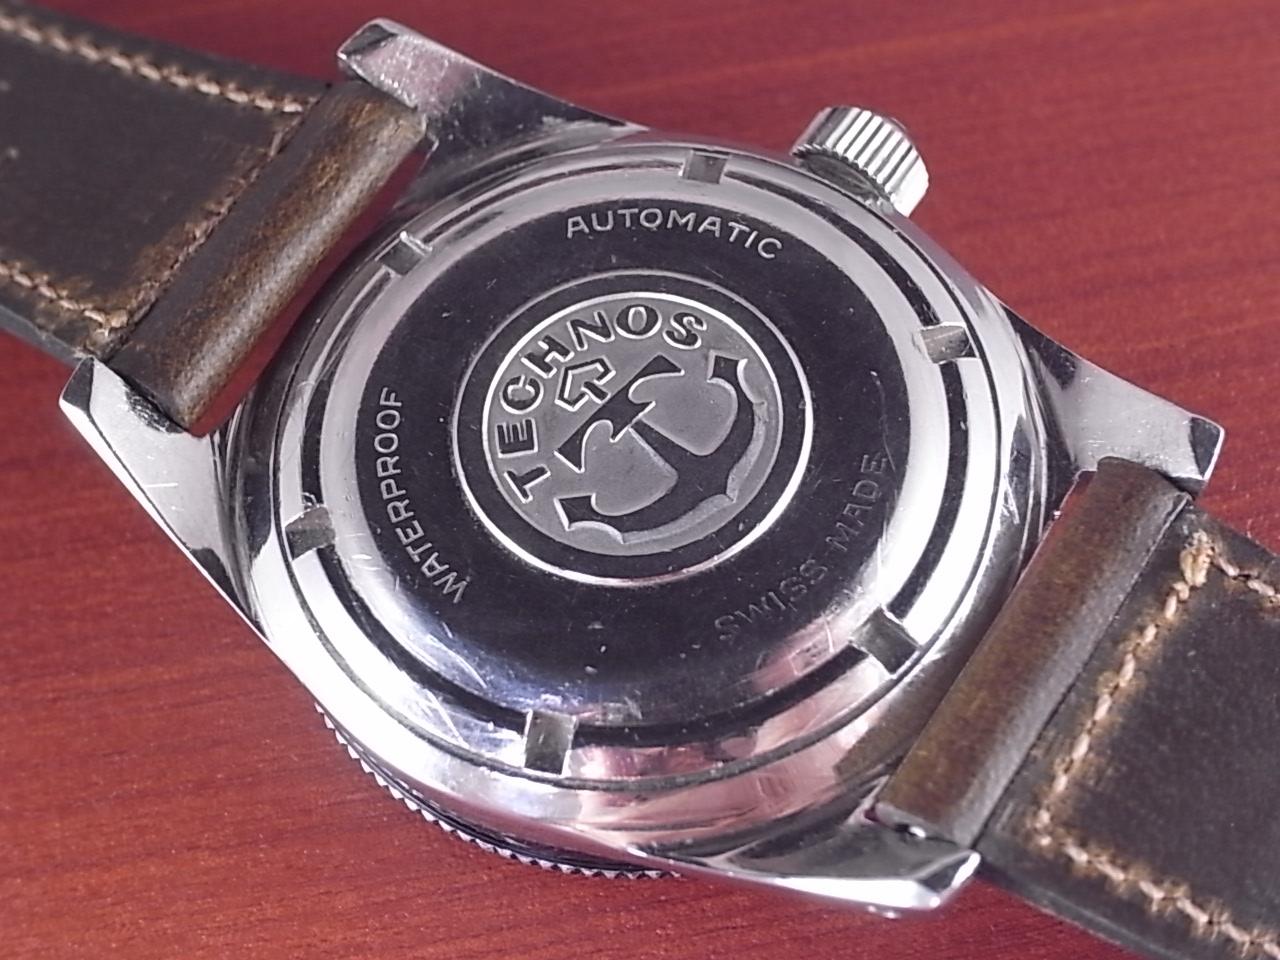 テクノス スカイダイバー 30JEWEL 尾錠・BOX付 1960年代の写真4枚目